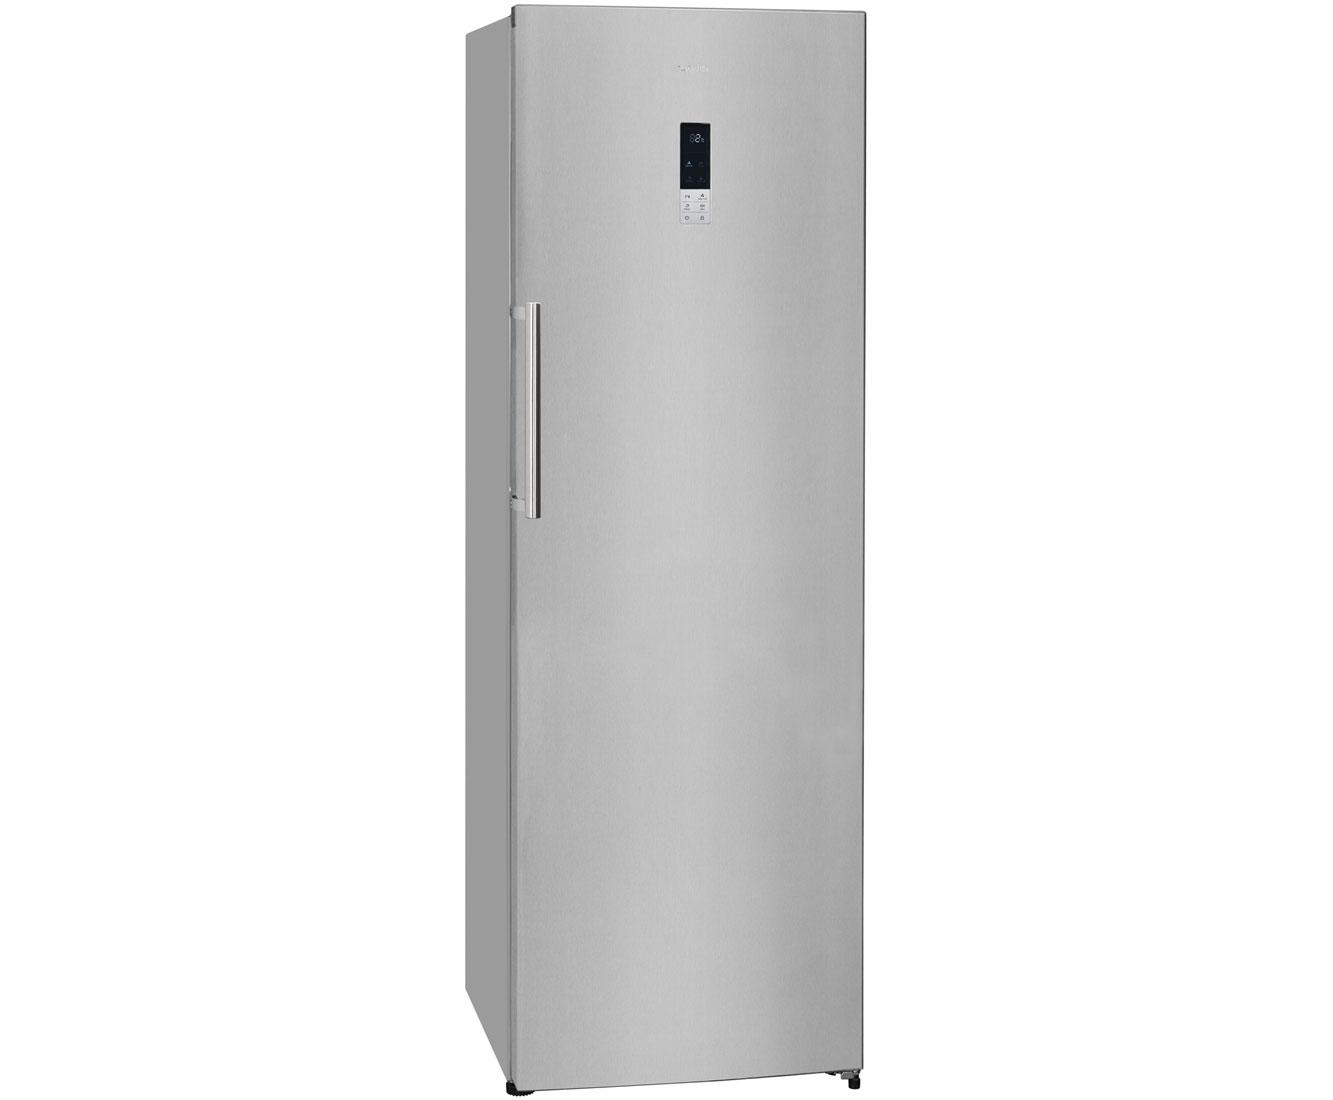 Bosch Kühlschrank Notebooksbilliger : Kühlschrank edelstahl a preisvergleich u die besten angebote